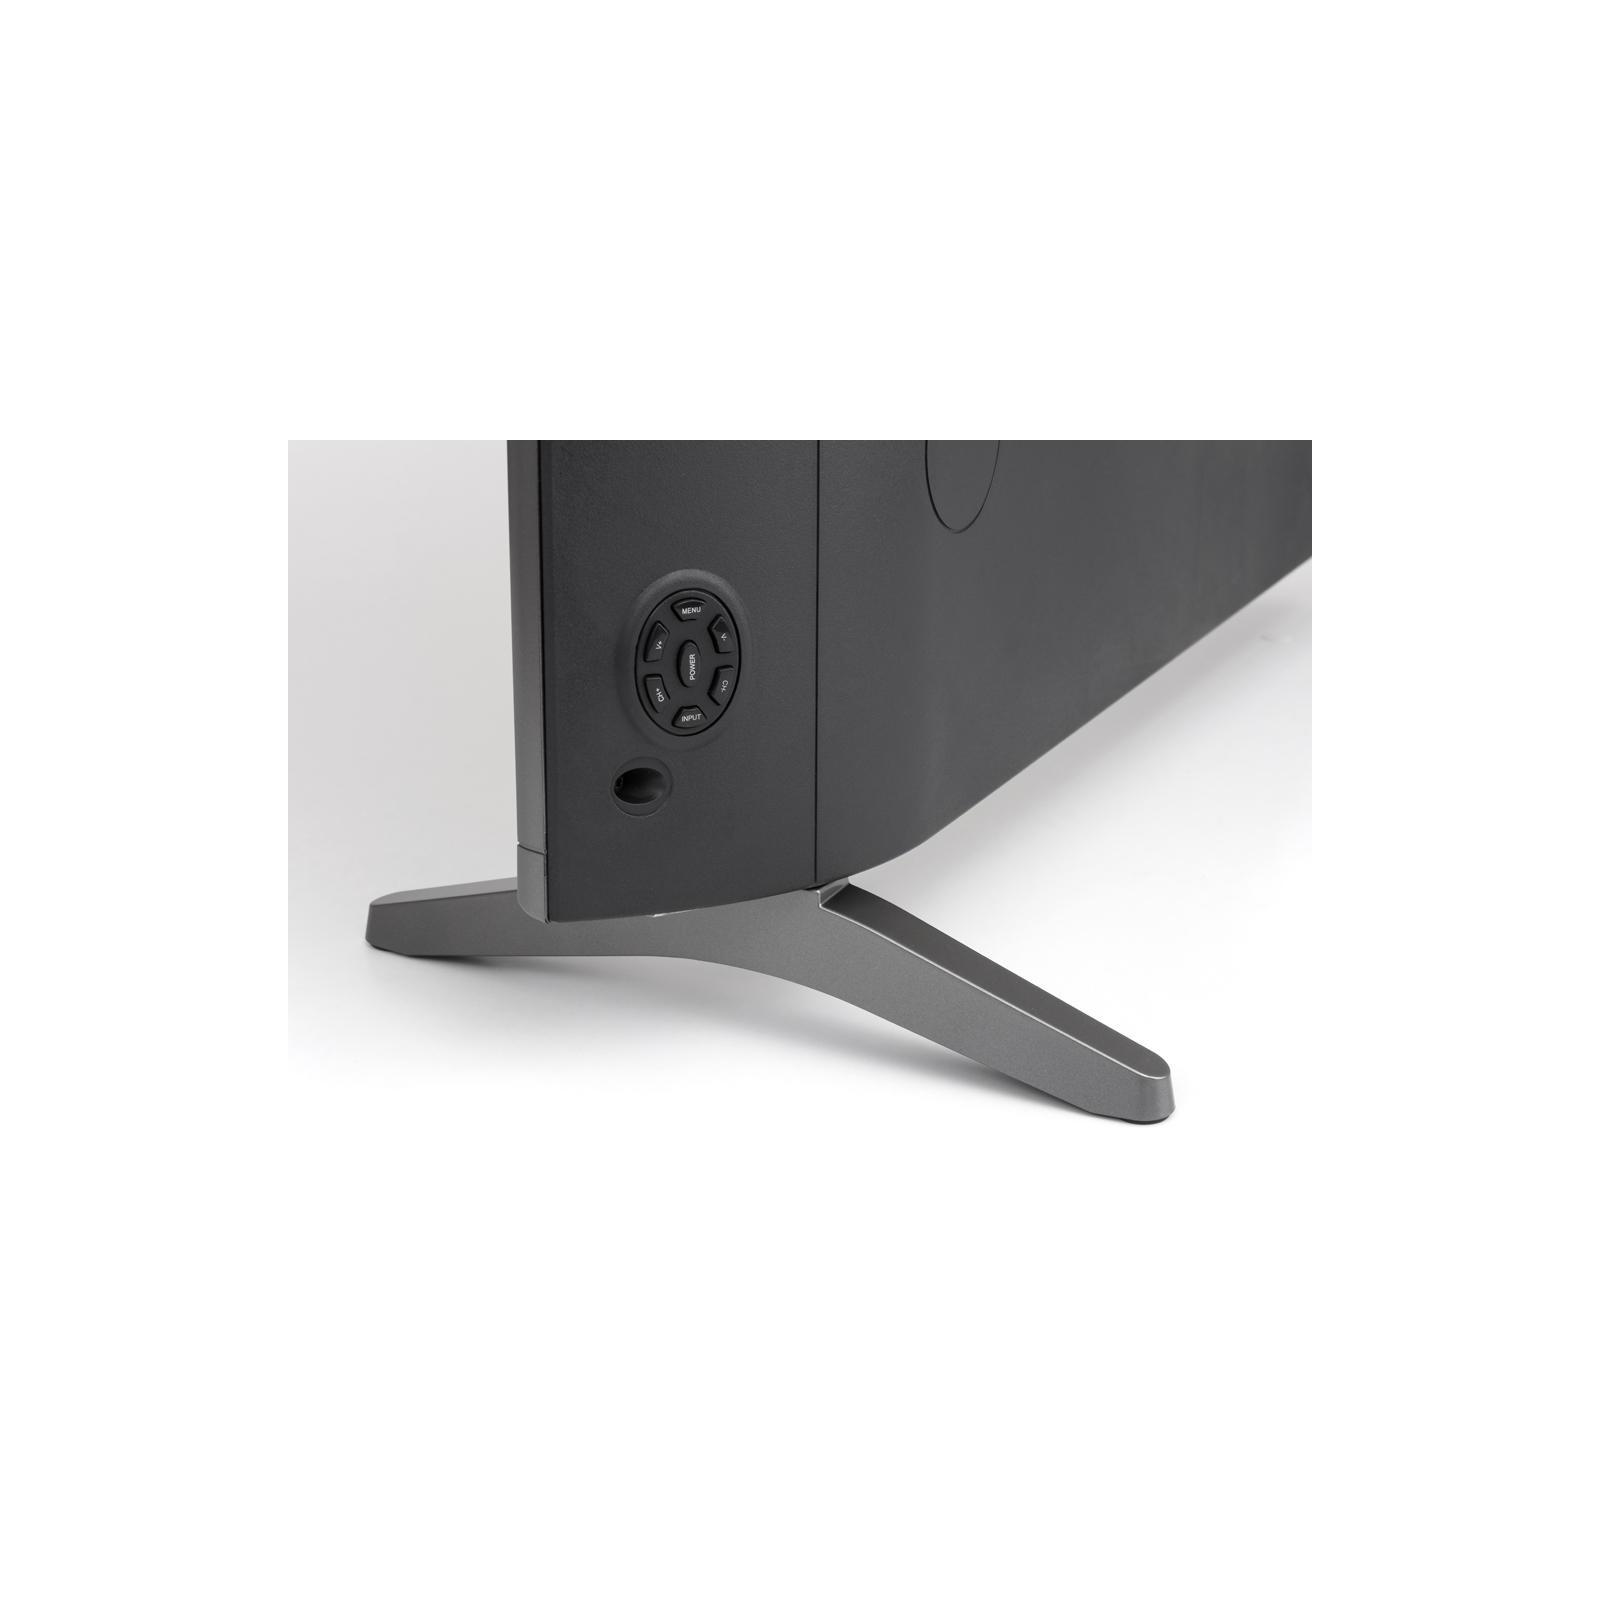 Телевізор Vinga L50UHD20B зображення 7